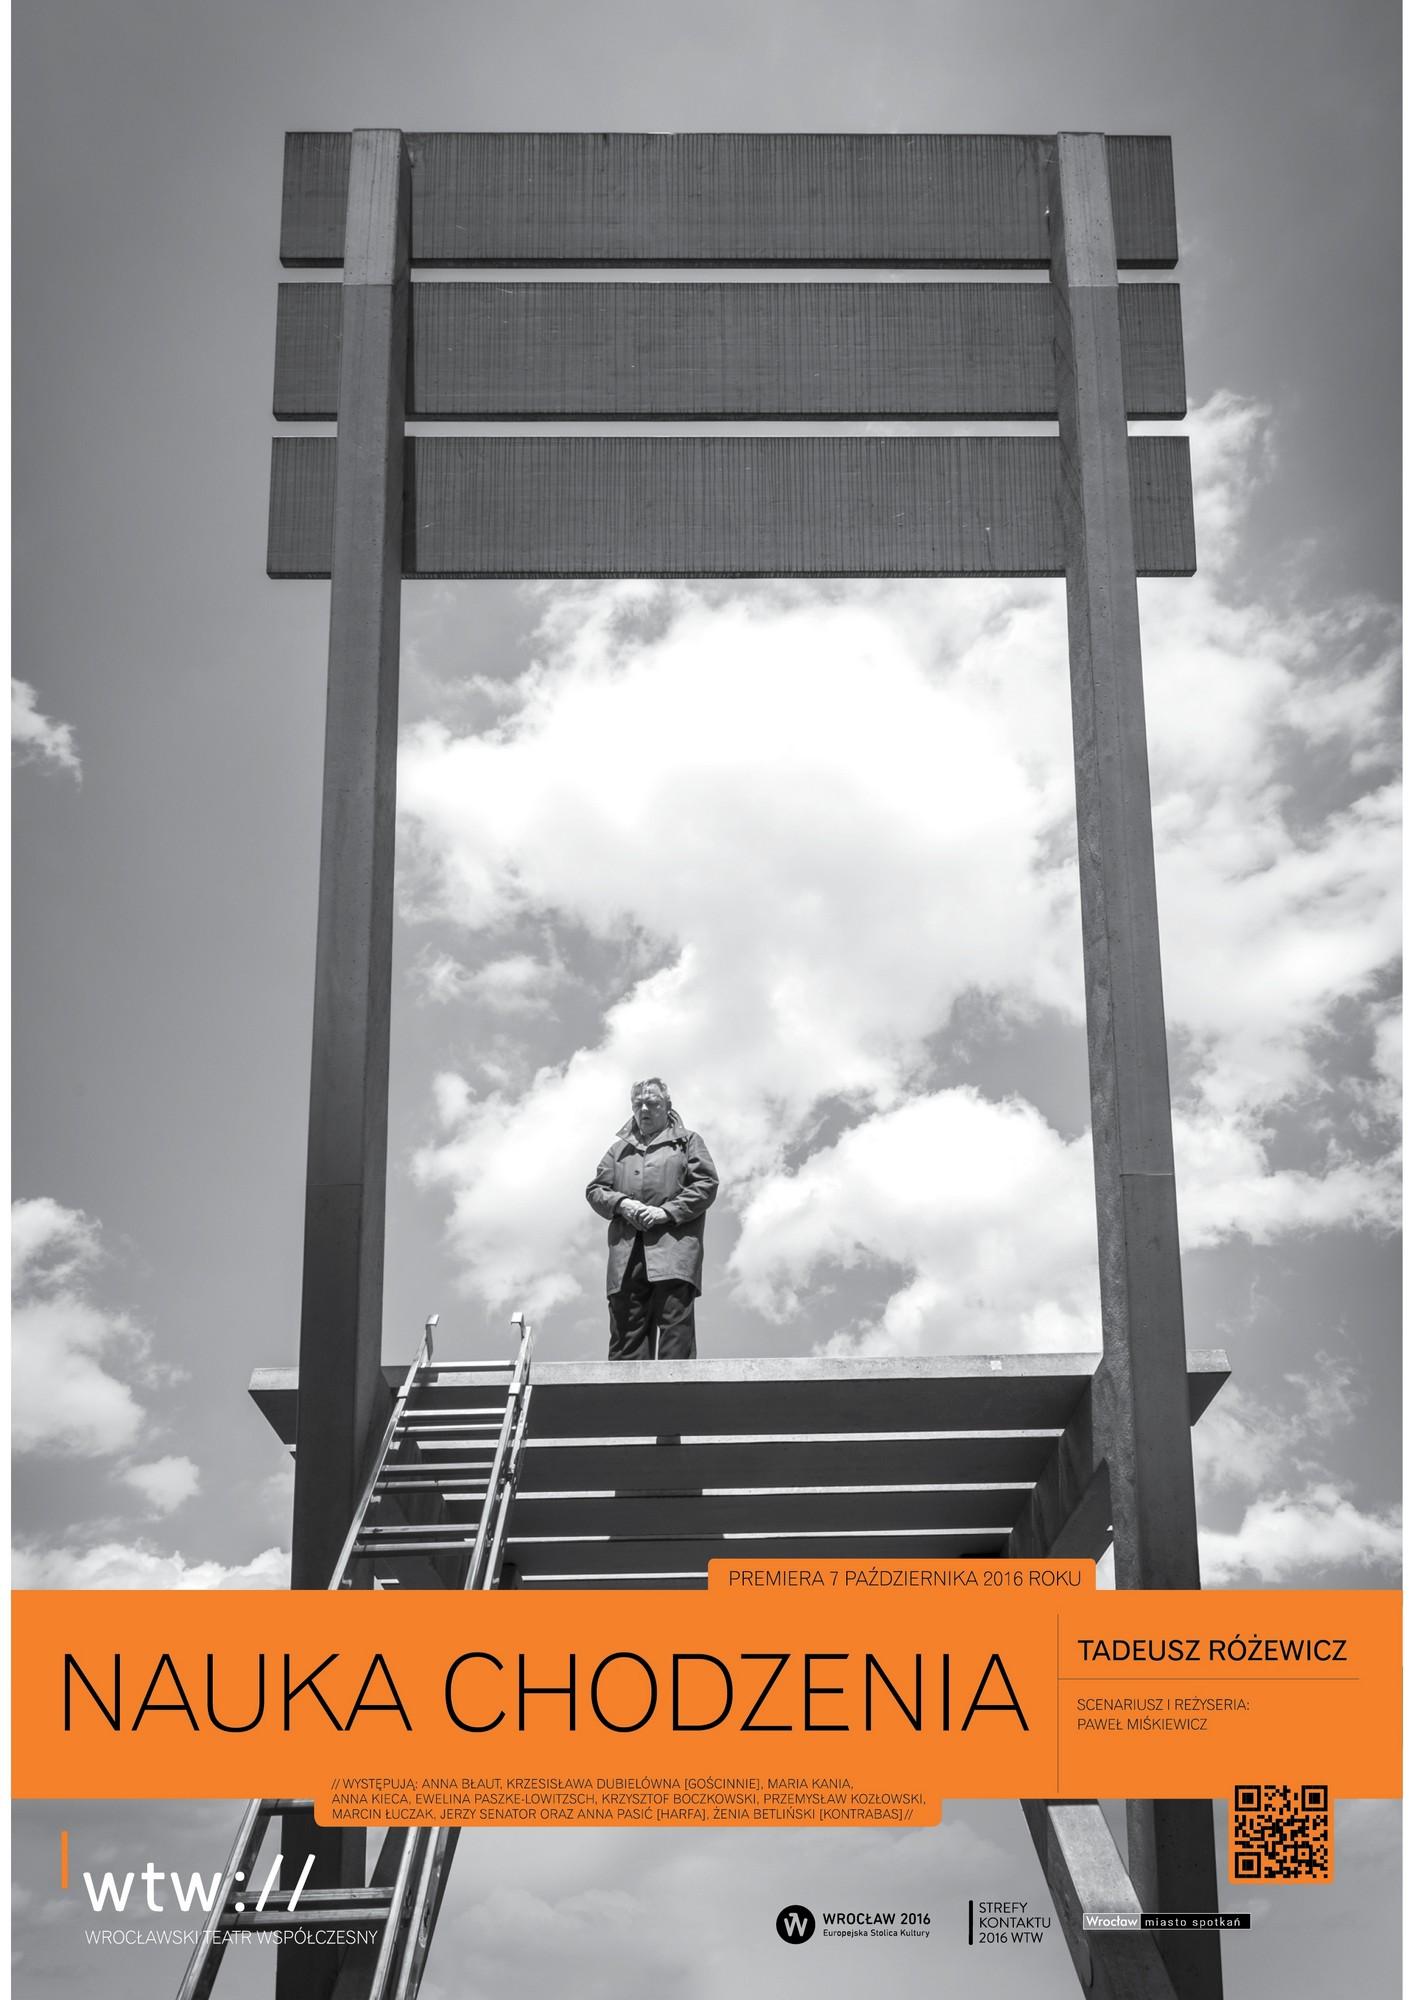 """Tadeusz Różewicz: """"Nauka chodzenia"""", reż. Paweł Miśkiewicz, plakat (źródło: materiały prasowe WTW)"""